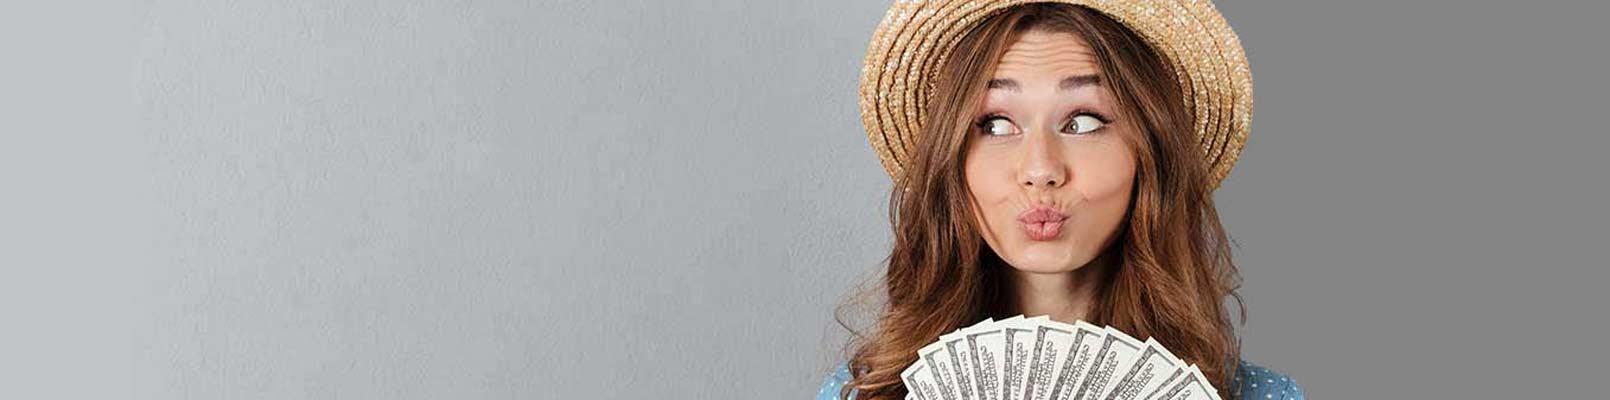 câștigați bani reali fără a investi)